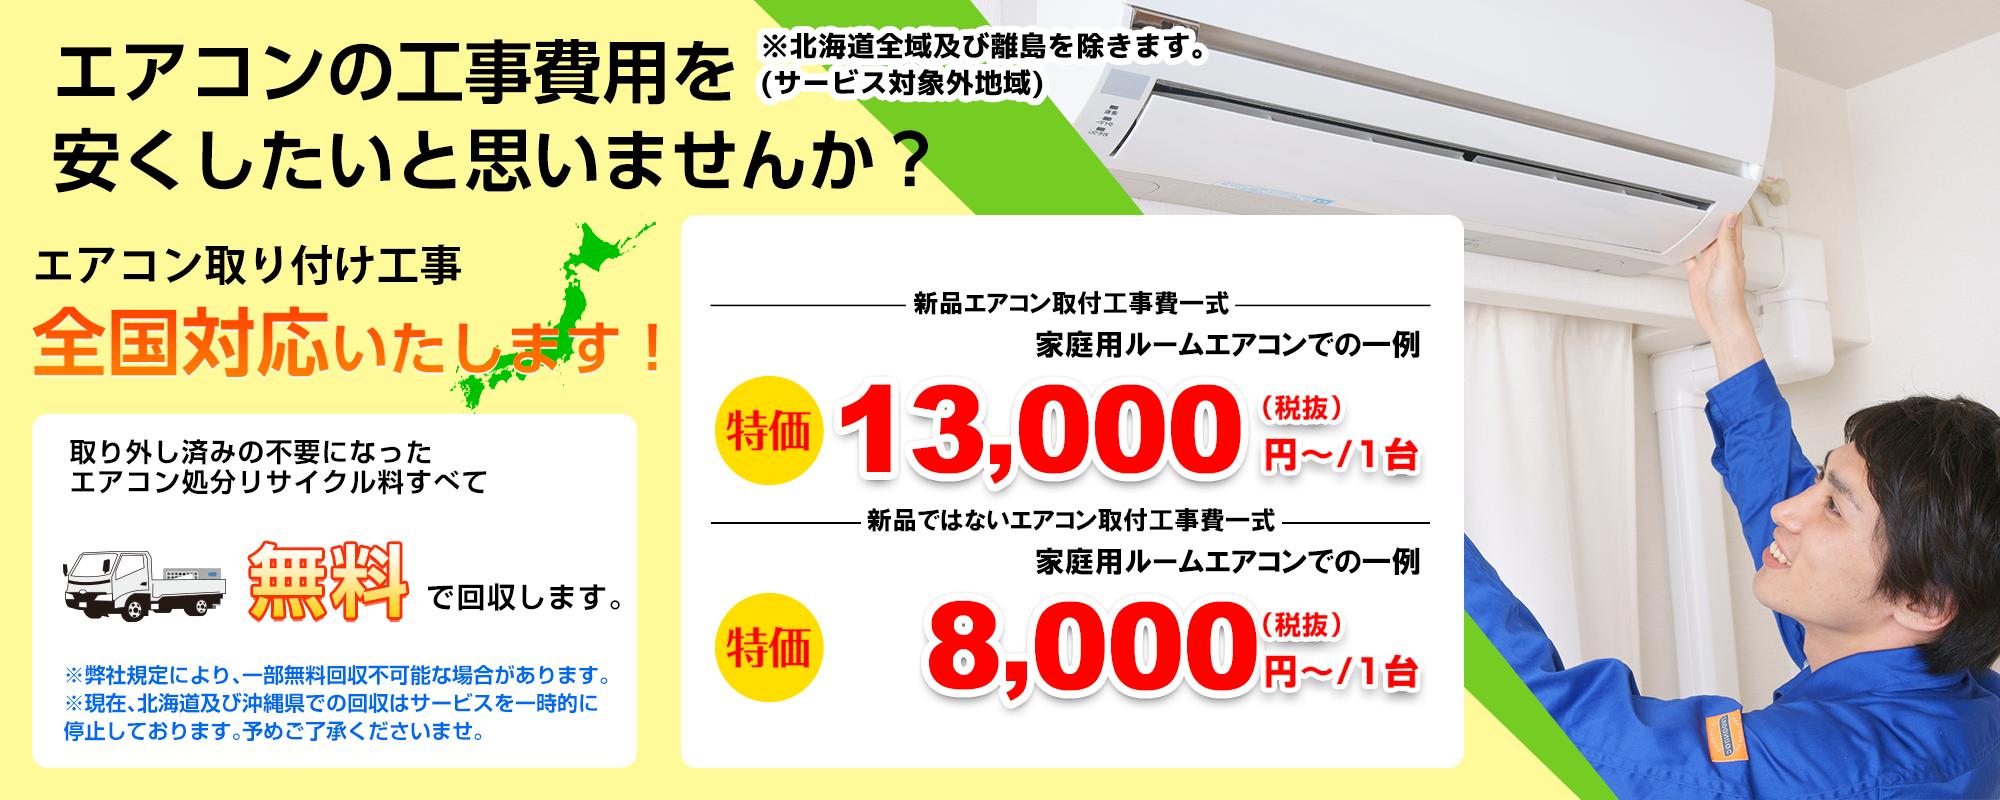 日本全国のエアコン取り付け工事・回収なら、エアコン取り付け工事王